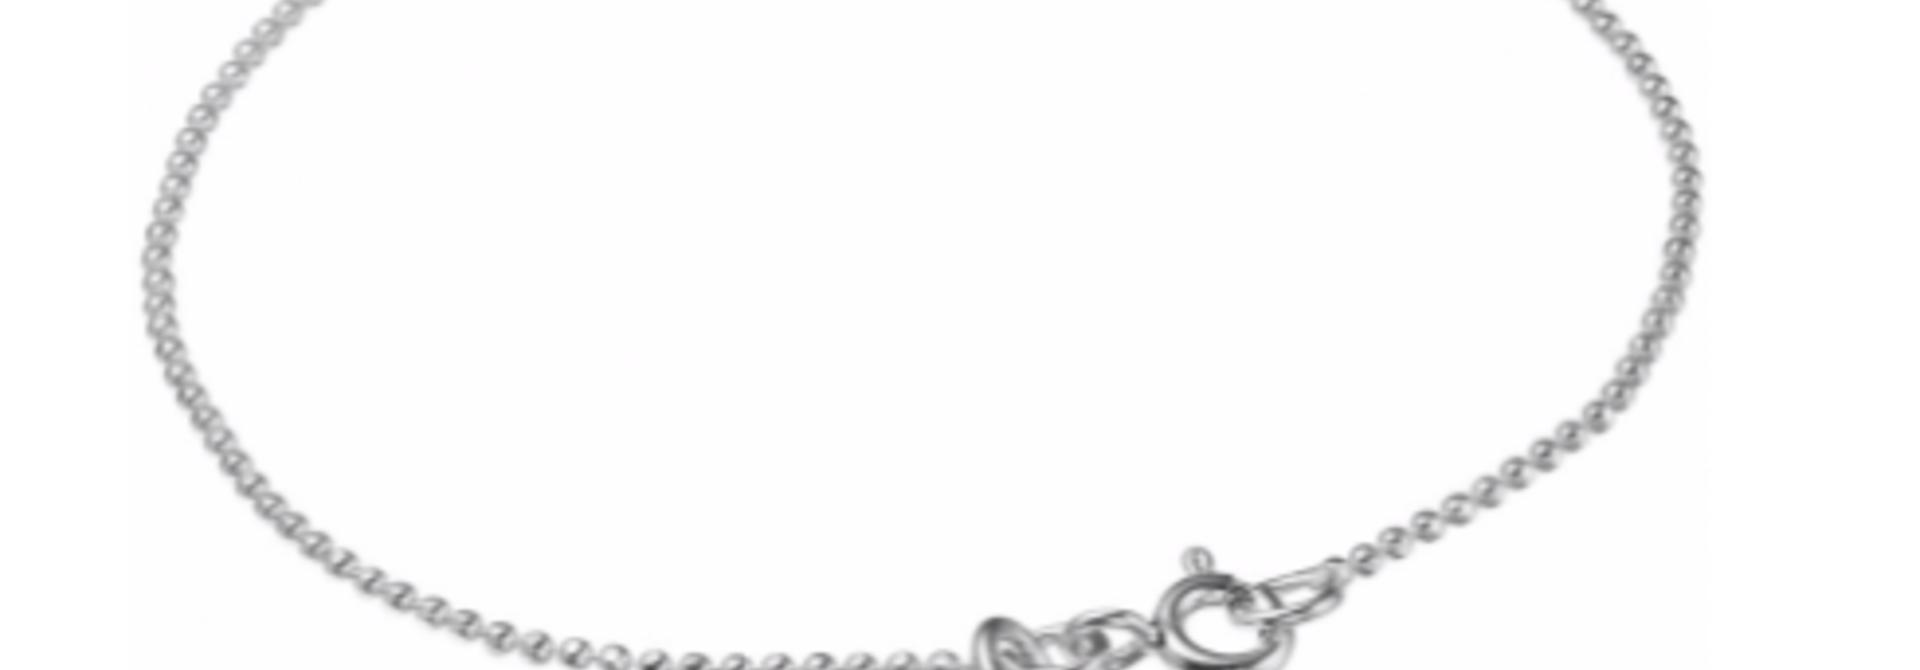 Bracelet ball chain Dusty green silver